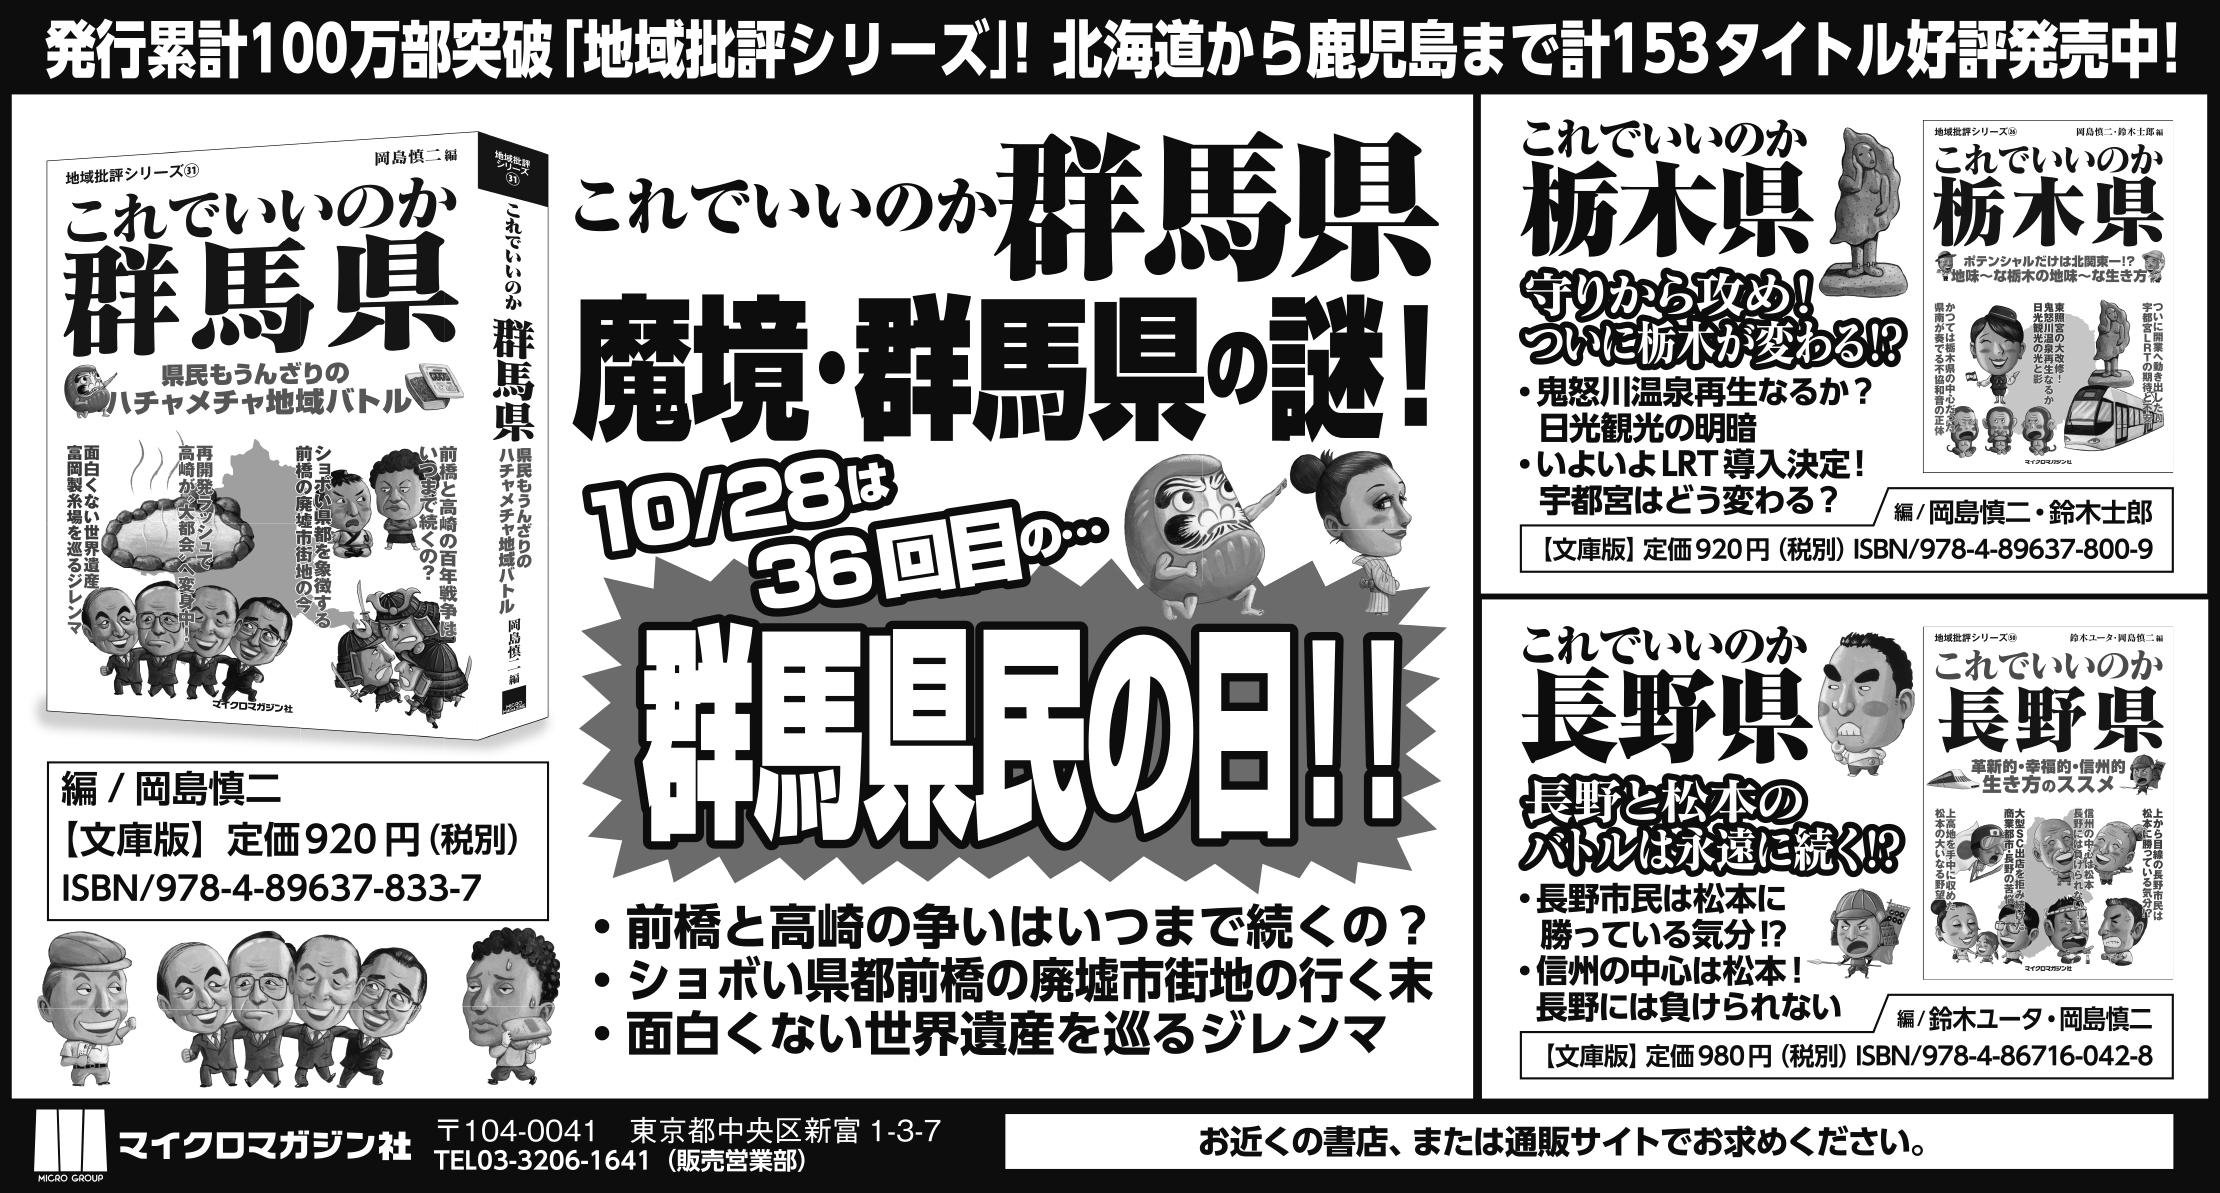 10月28日は36回目の群馬県民の日!地域批評シリーズ『これでいいのか群馬県』を上毛新聞に掲載いたしました!